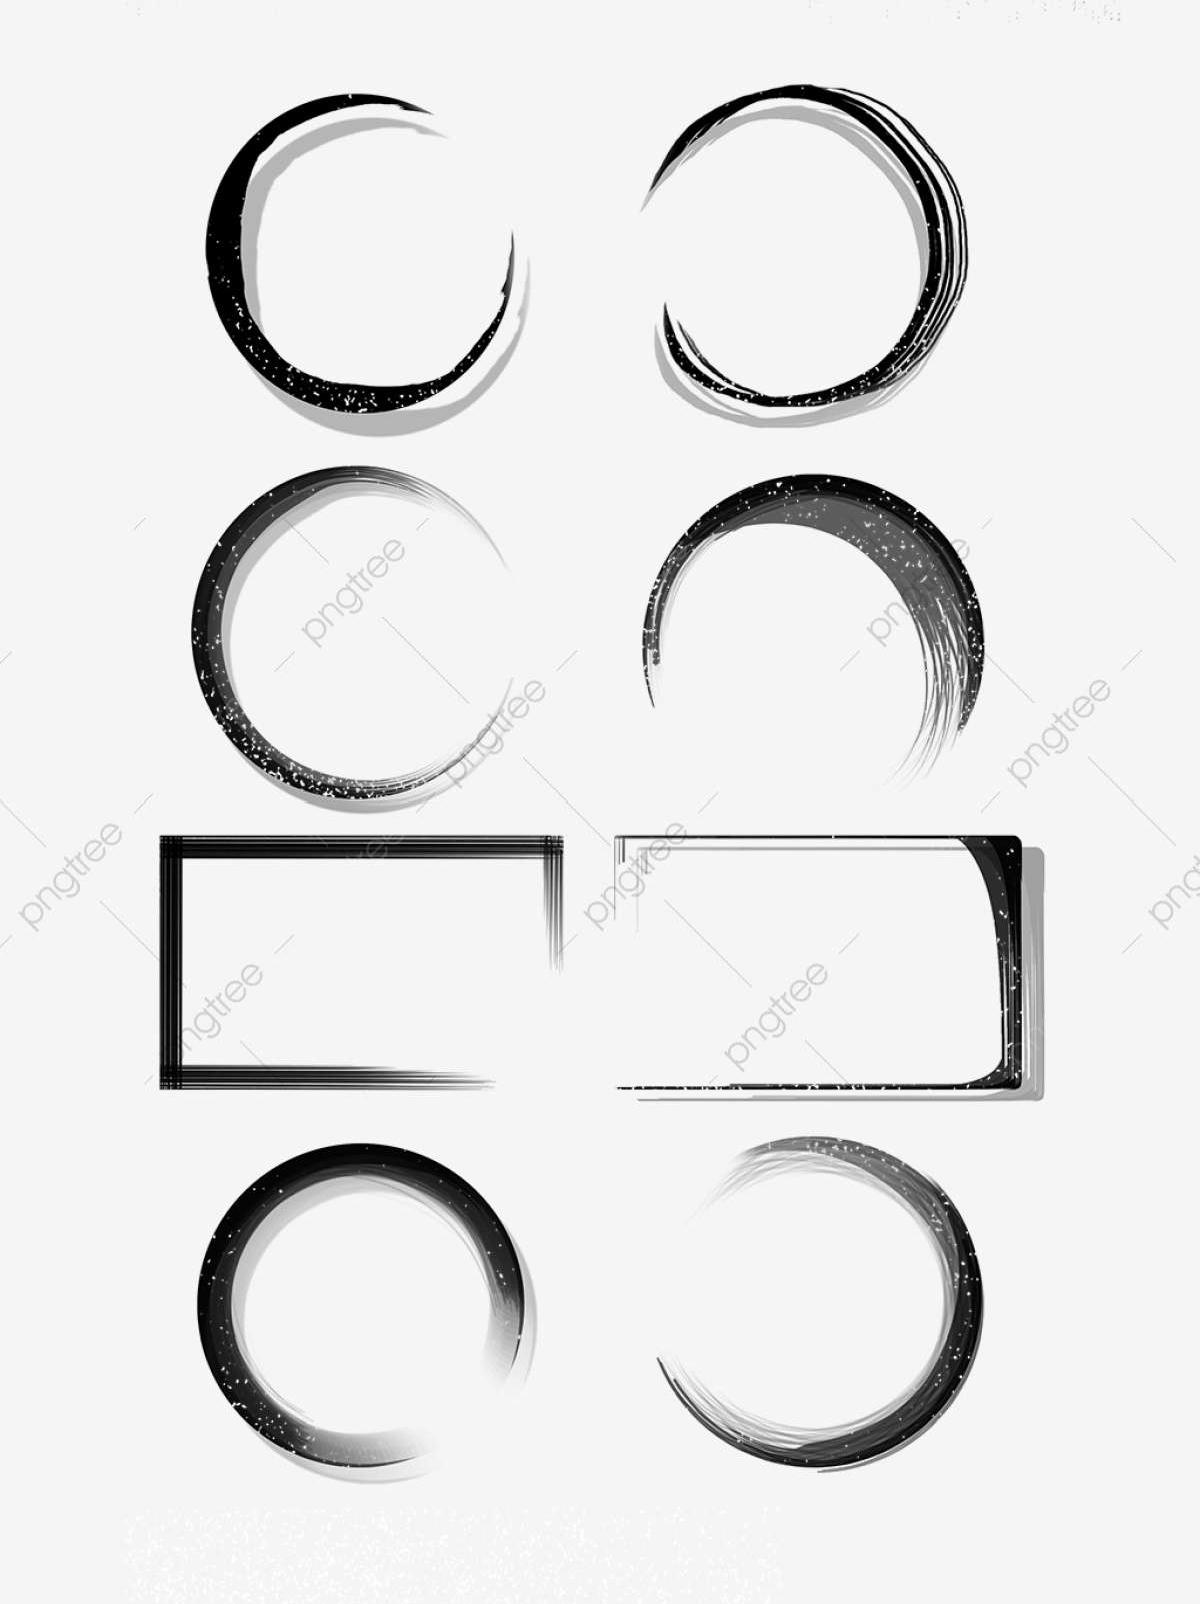 ink border round frame black  ink border  border set  ink round frame png transparent clipart